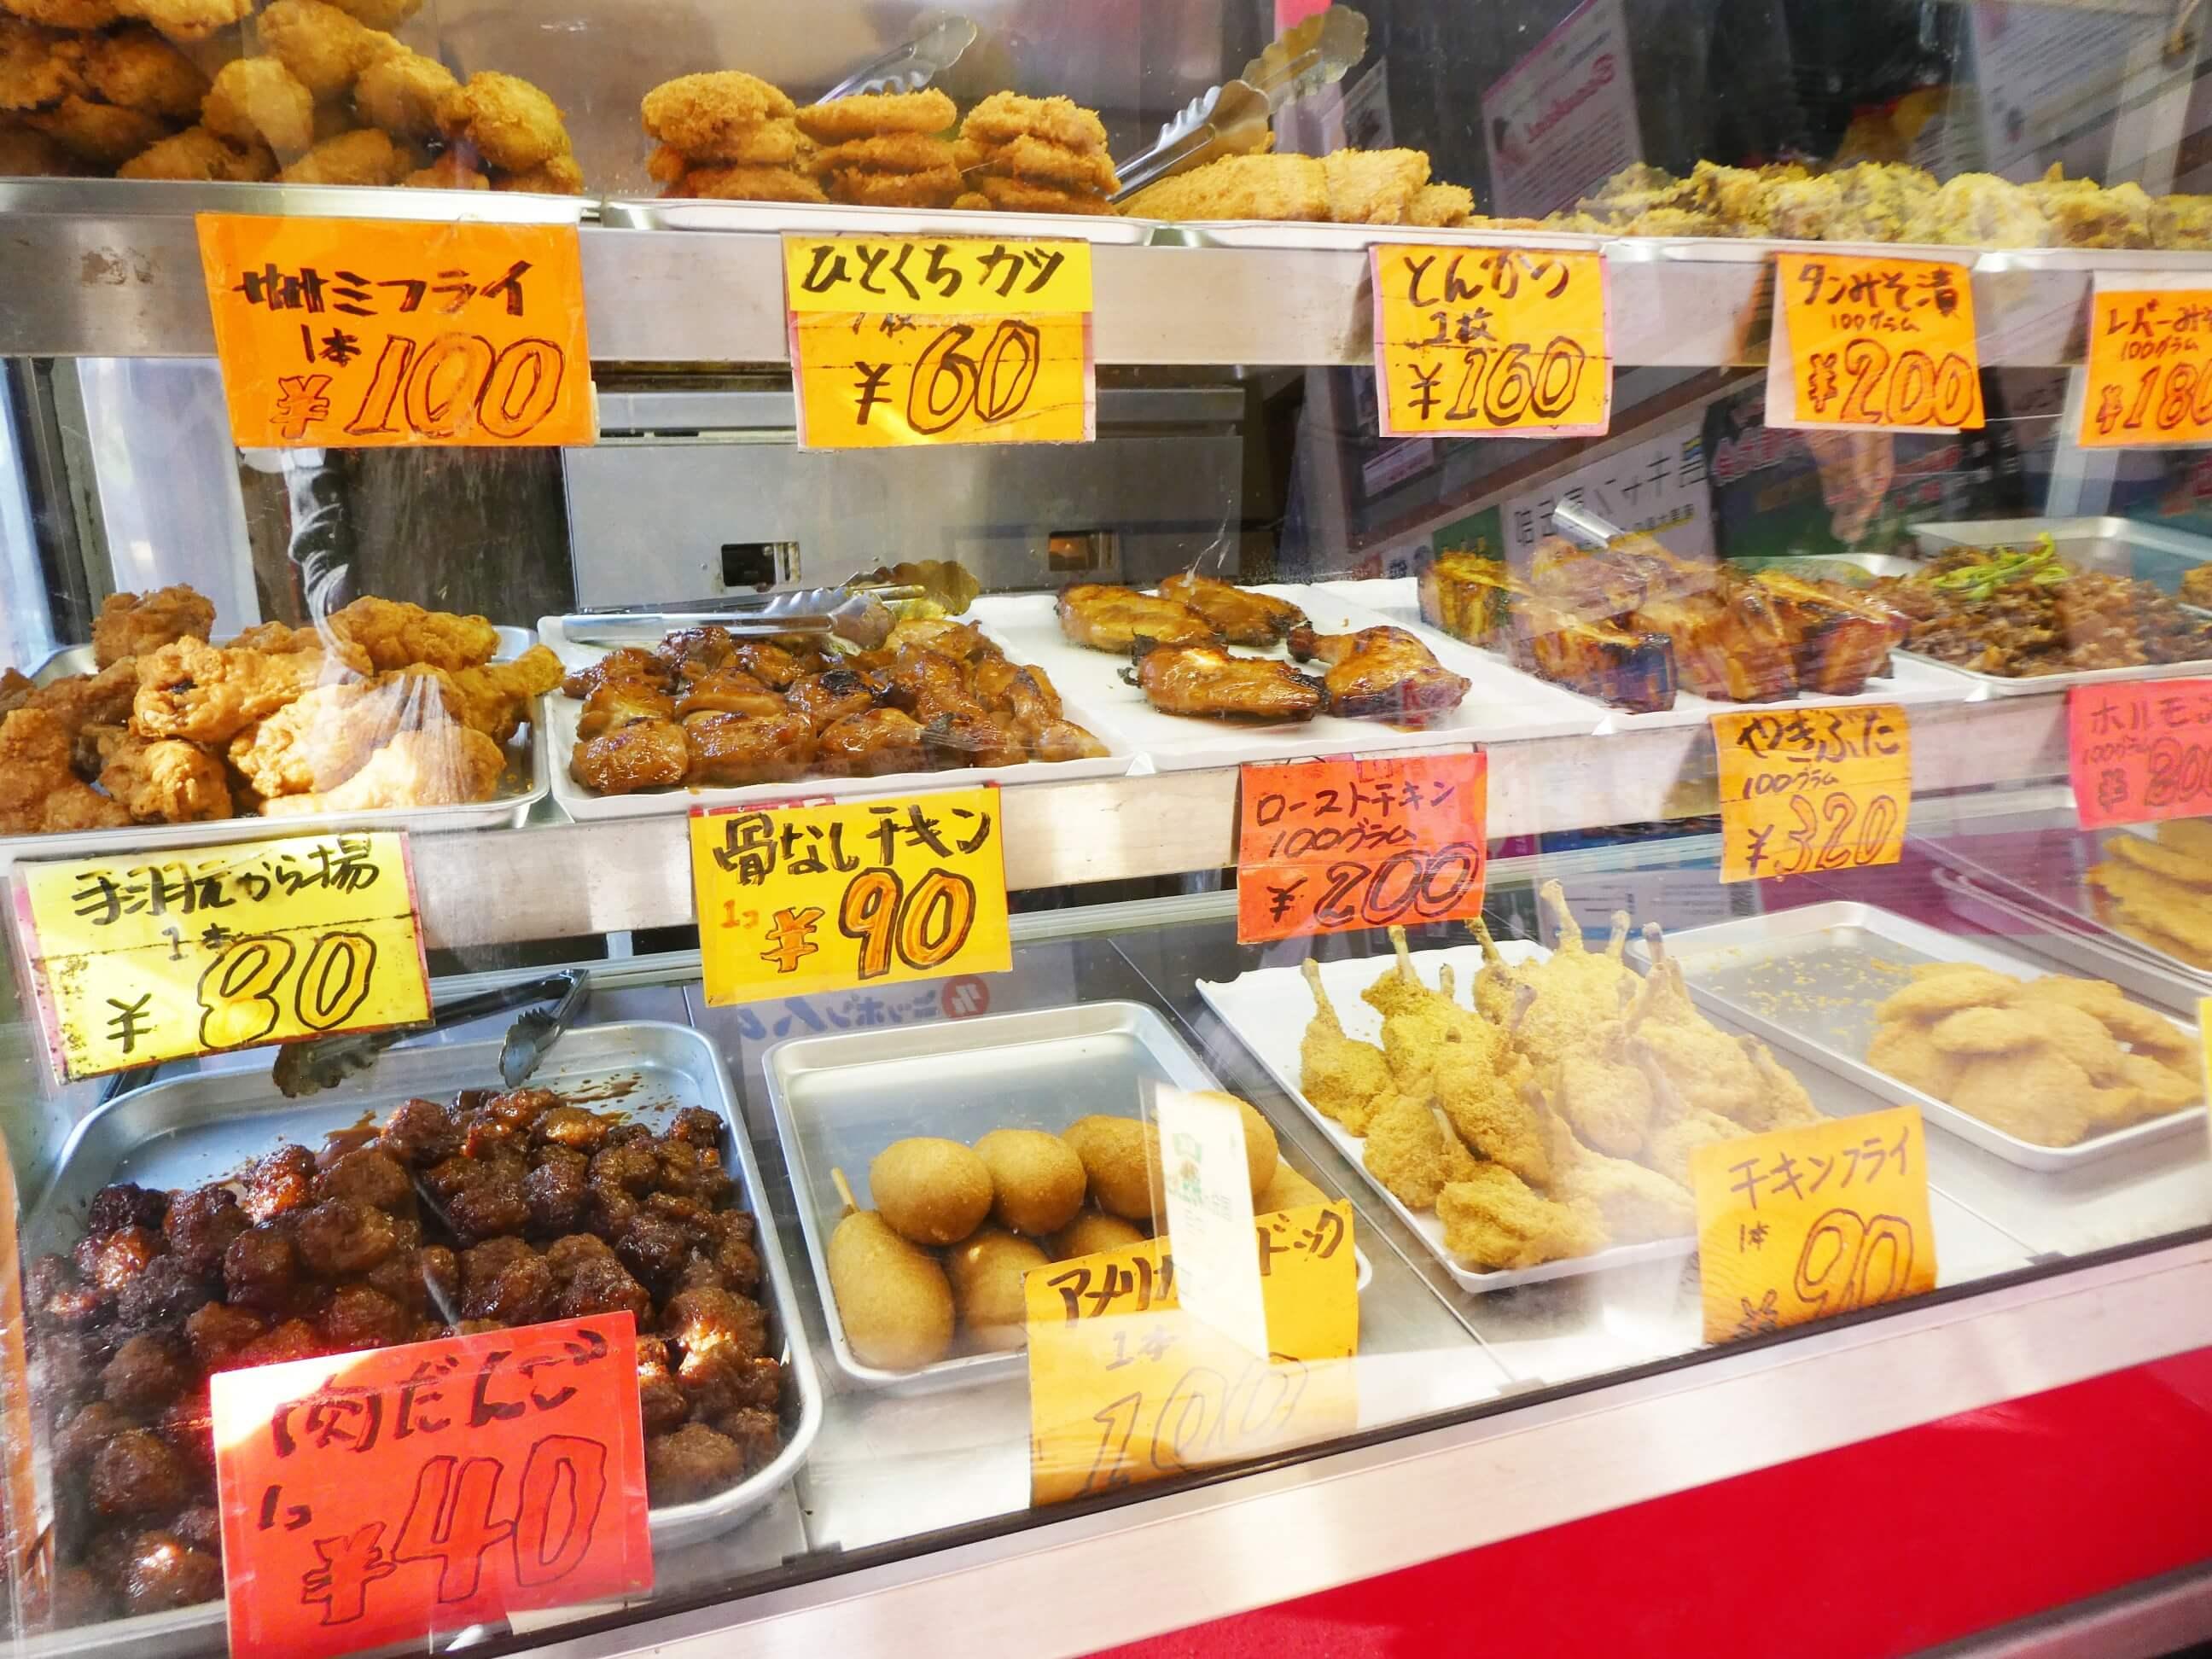 奄美にある松坂屋の店内に並んでいる商品